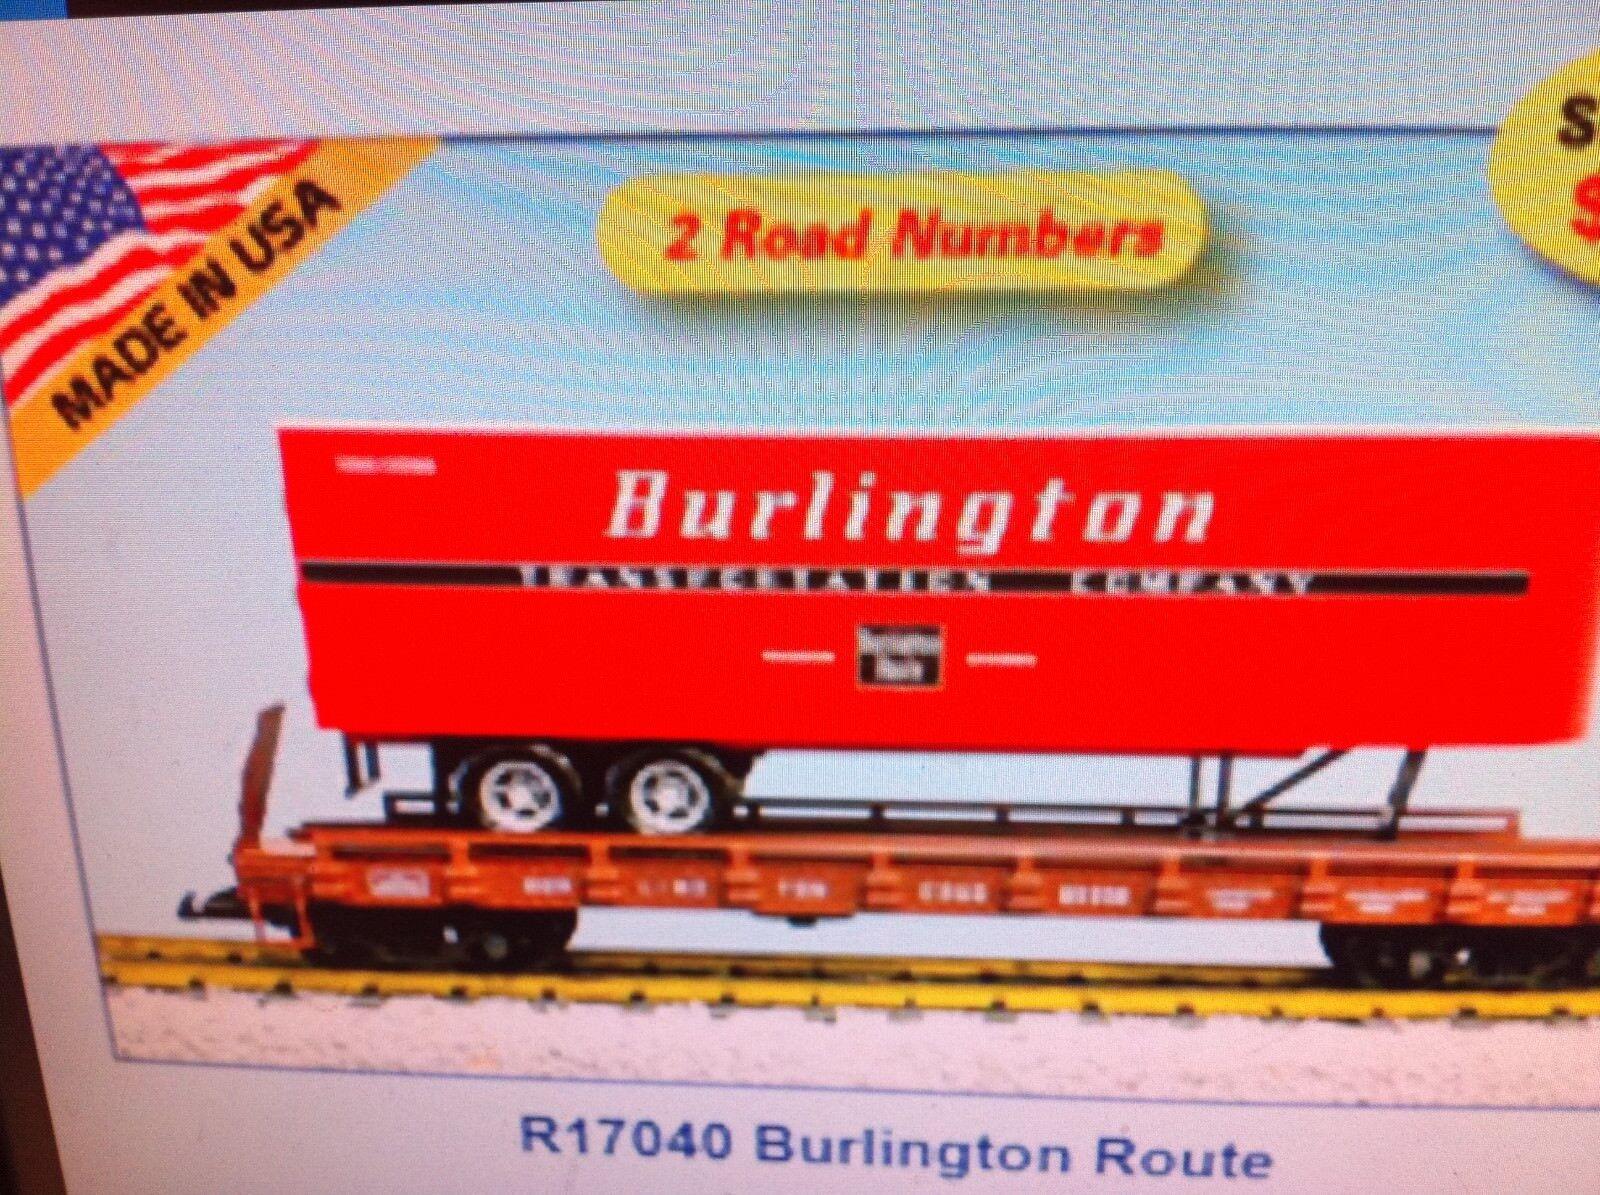 USA Trains G Scale Flat Car w/Trailer R17040 Burlington